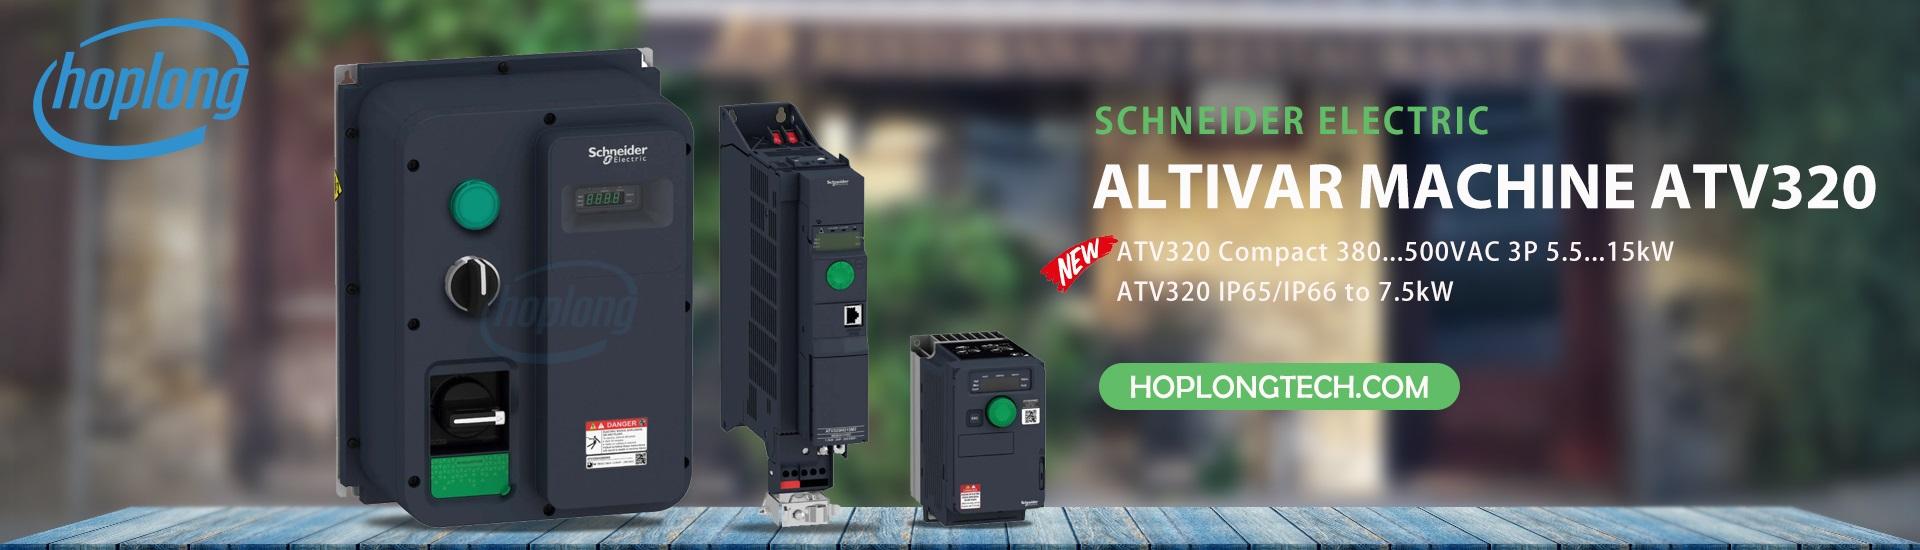 Schneider ATV320